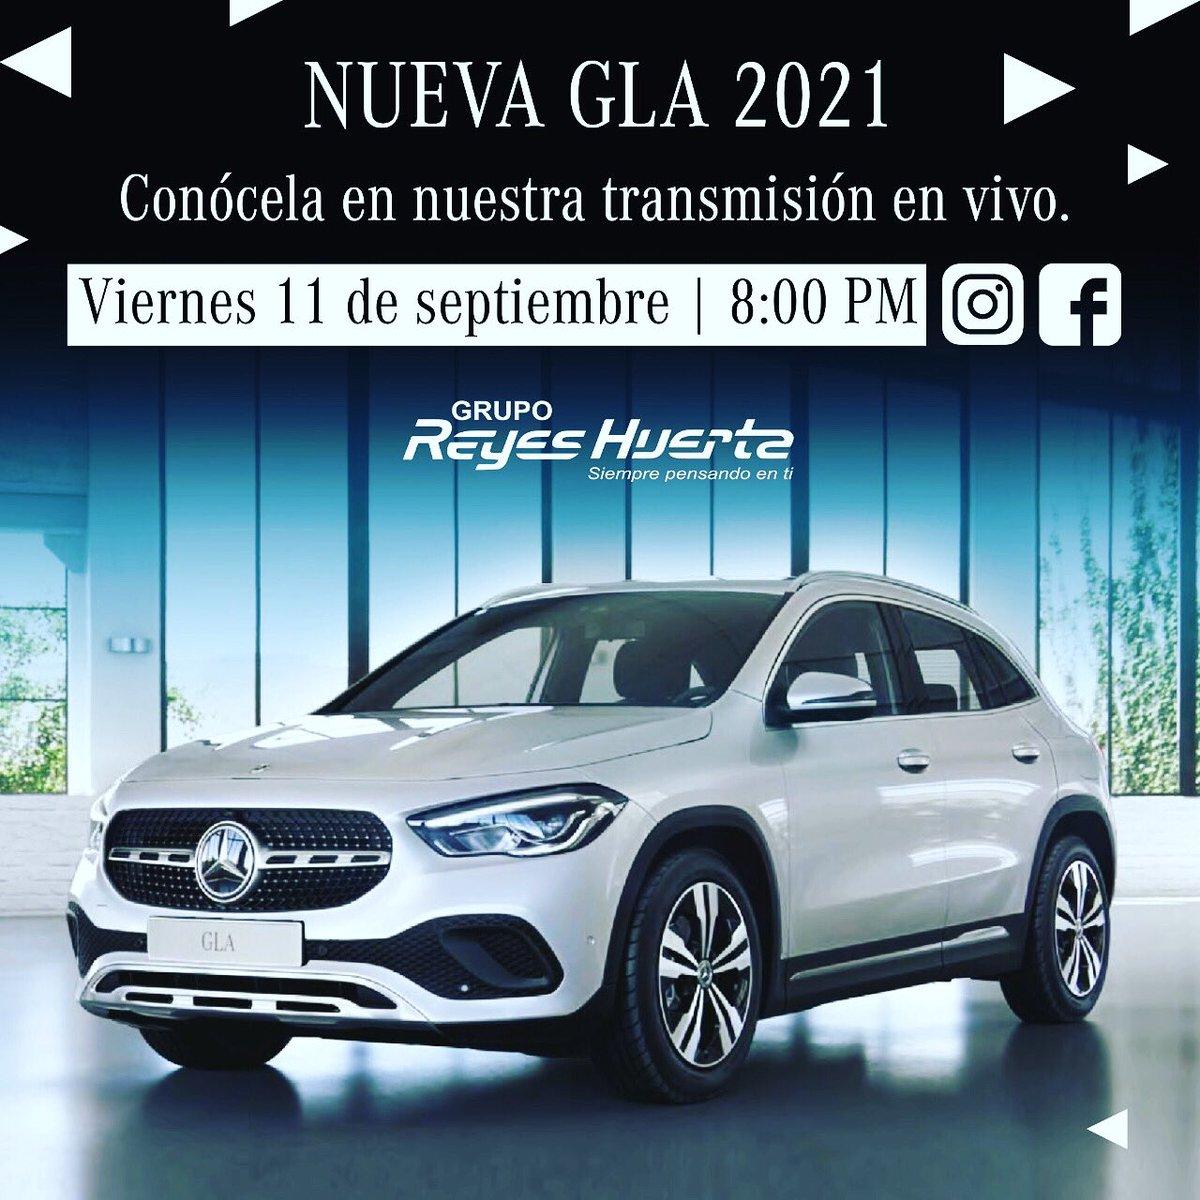 Súmate a nuestro lanzamiento digital de la nueva #GLA2021 este viernes 11 de Septiembre a las 8:00 PM en nuestras cuentas de Instagram y Facebook.  Informa: https://t.co/B154zMfvZ4  WhatsApp:  Mercedes-Benz Serdán: 22 27 98 44 00  Mercedes-Benz Angelópolis: 22 21 30 88 88 https://t.co/faJ0PWgQI1